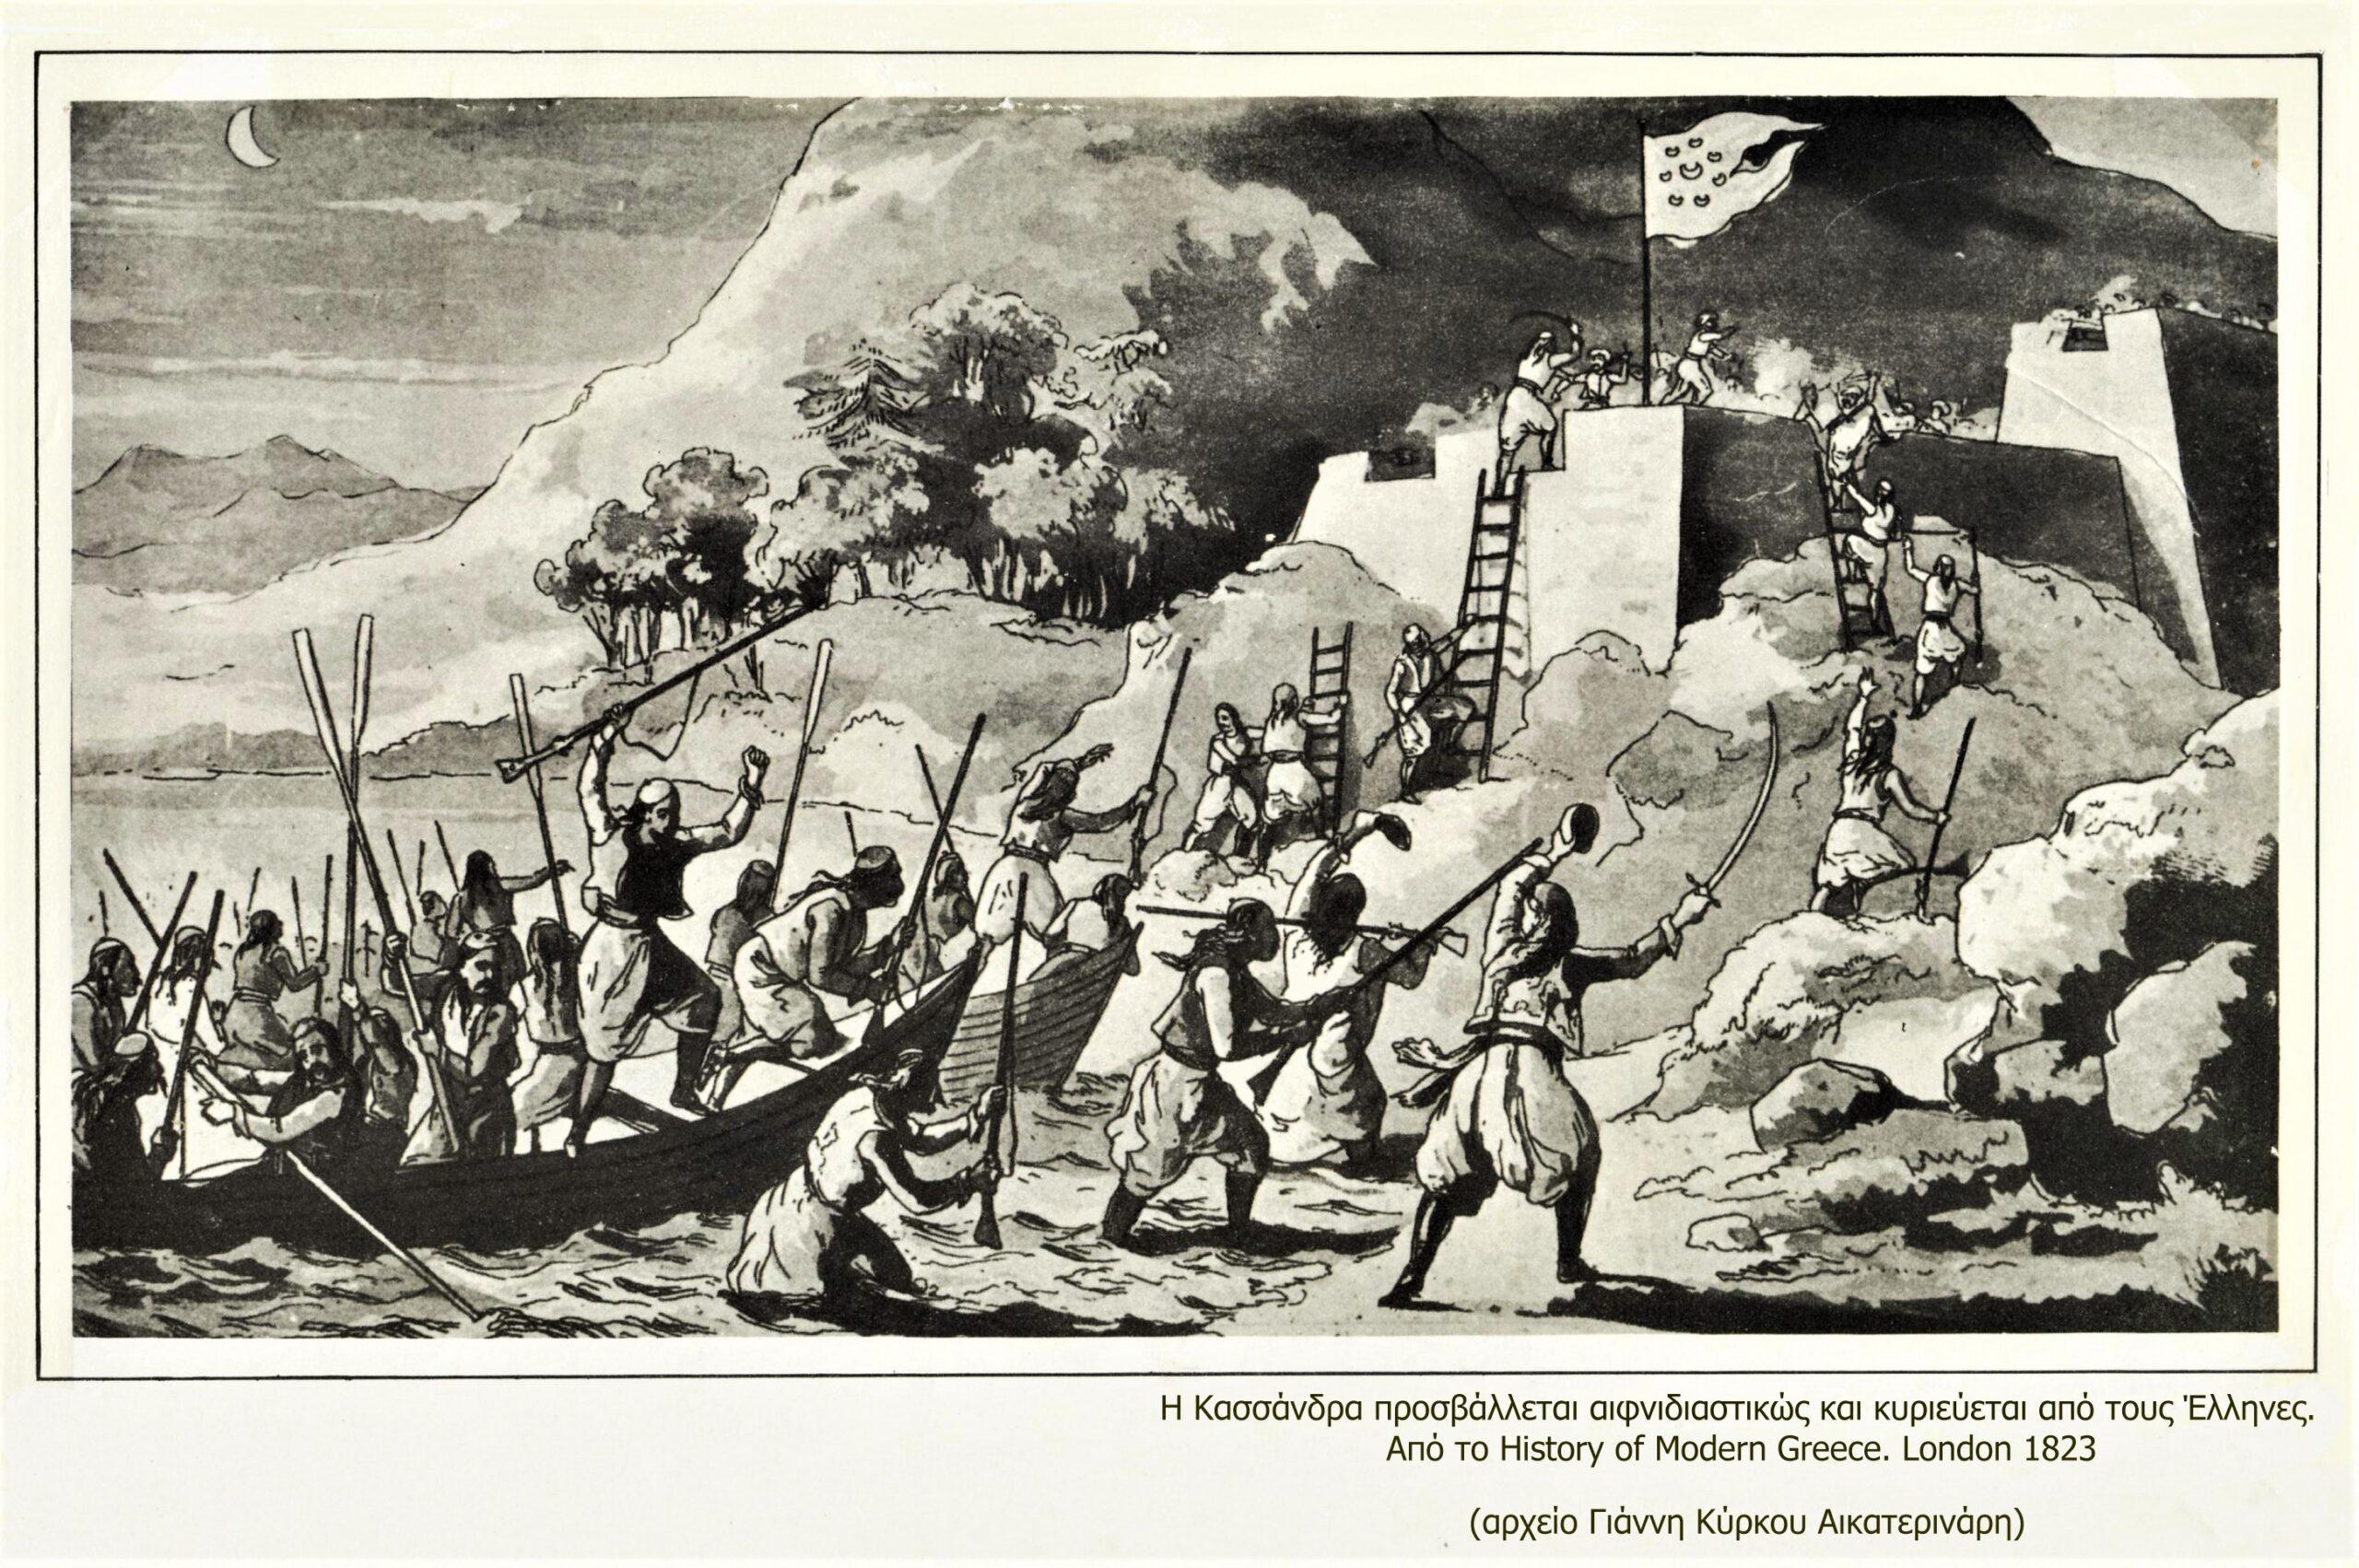 Γκραβούρα του 1821 από το αρχείο Γ. Αικατερινάρη· απεικονίζει μια φανταστική κατάληψη ενός κάστρου της Χαλκιδικής από τους Έλληνες.